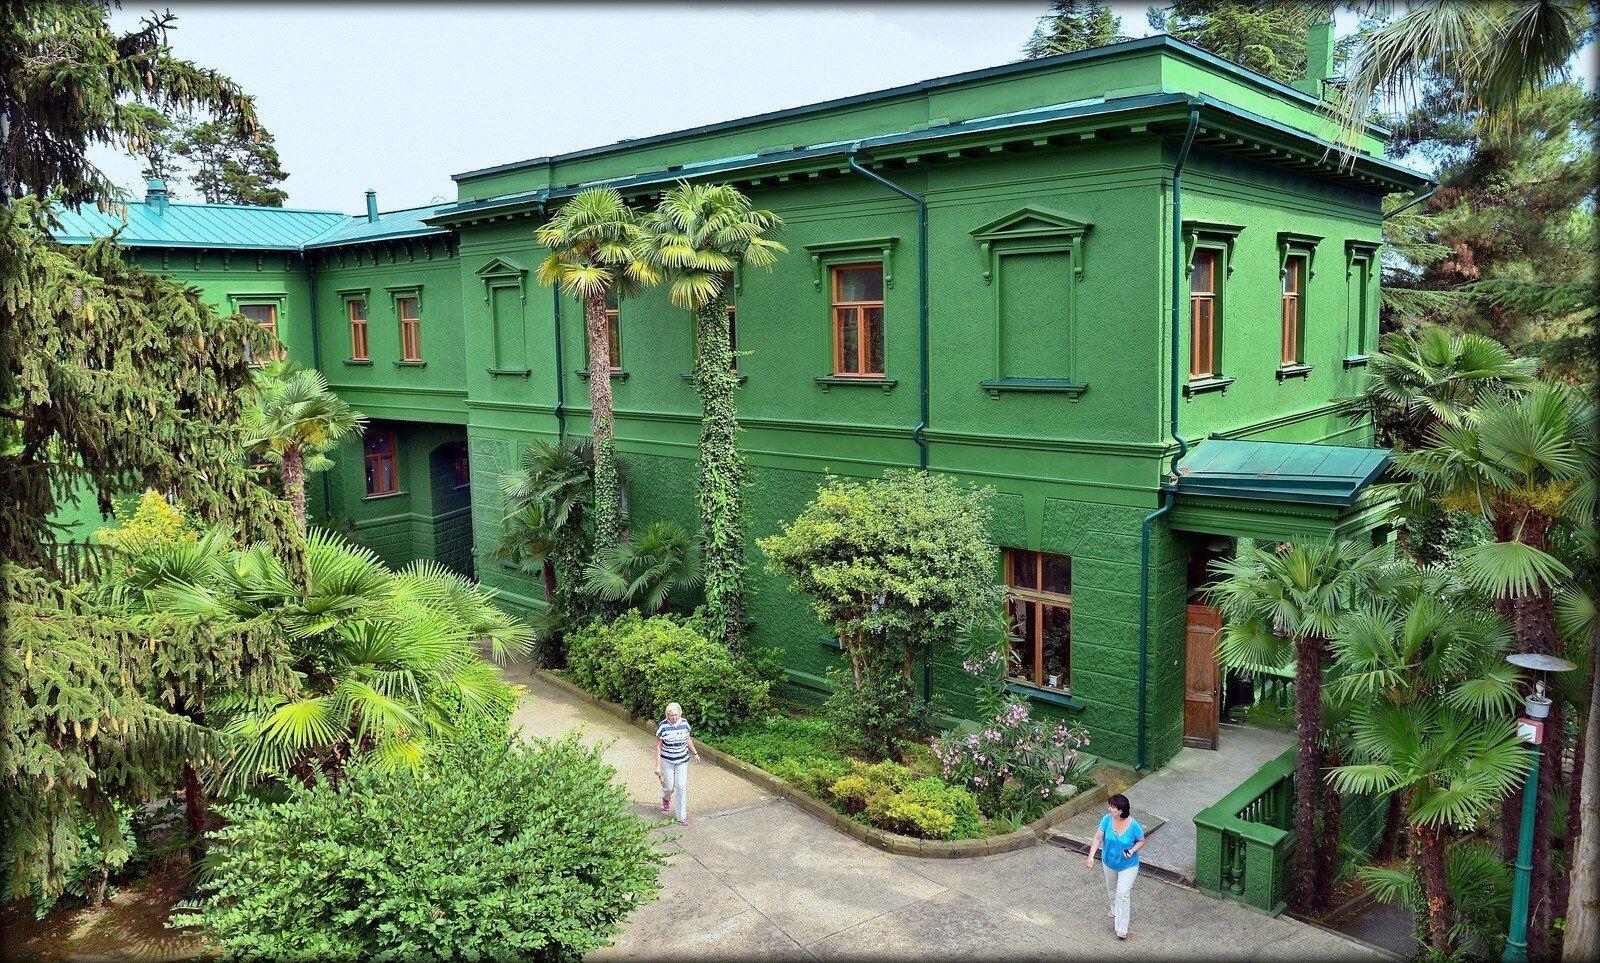 5 Wisata Museum di Sochi Rusia, dari Rumah Stalin Hingga Mobil Antik